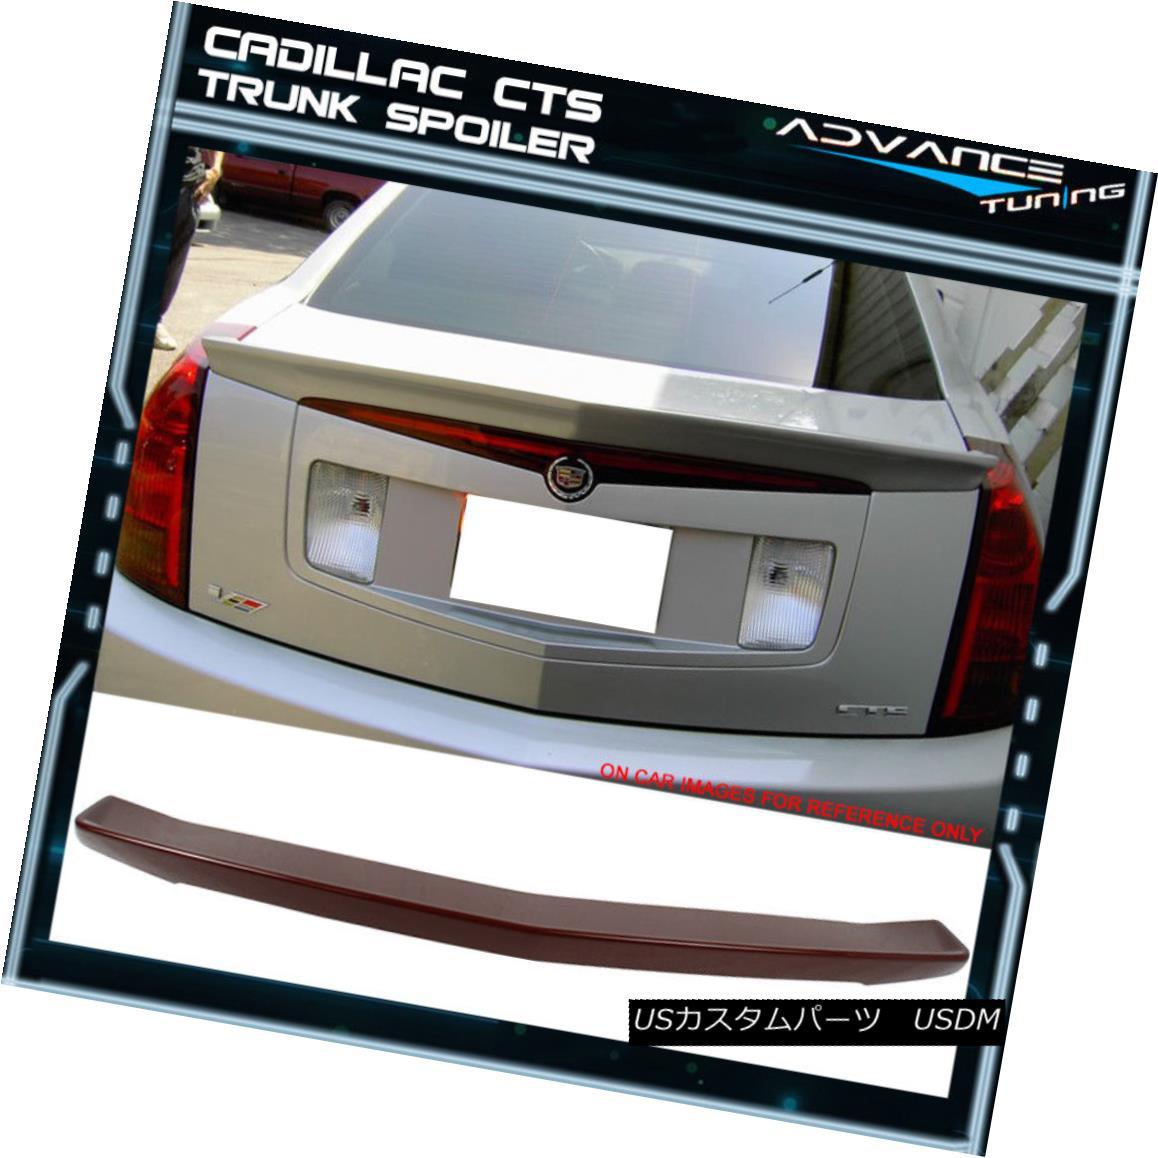 エアロパーツ 03-07 Cadillac CTS 4DR ABS Trunk Spoiler Painted # WA964L Sport Red Tintcoat 03-07キャデラックCTS 4DR ABSトランクスポイラー#WA964Lスポーツレッドティンコート